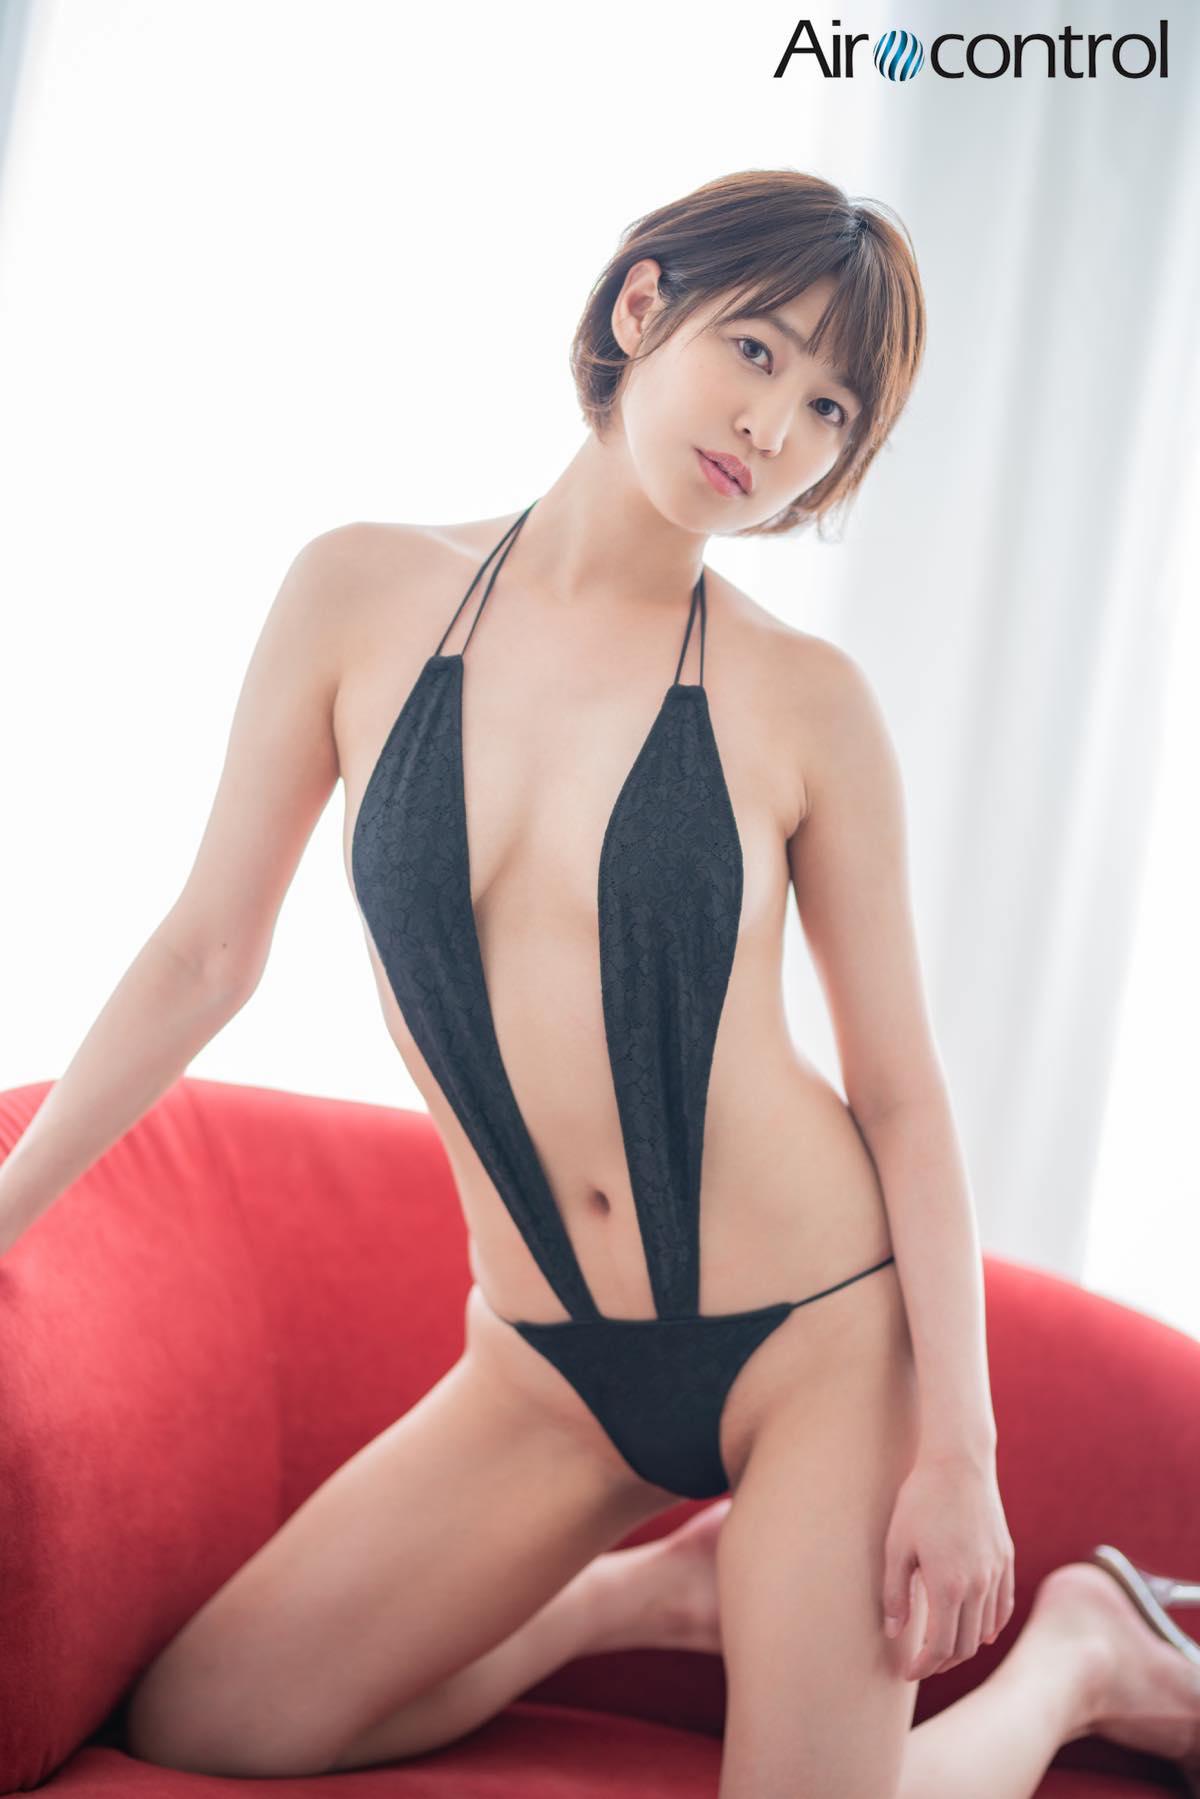 小柳歩「セクシー温泉旅行」で露出しまくり!【写真7枚】の画像006